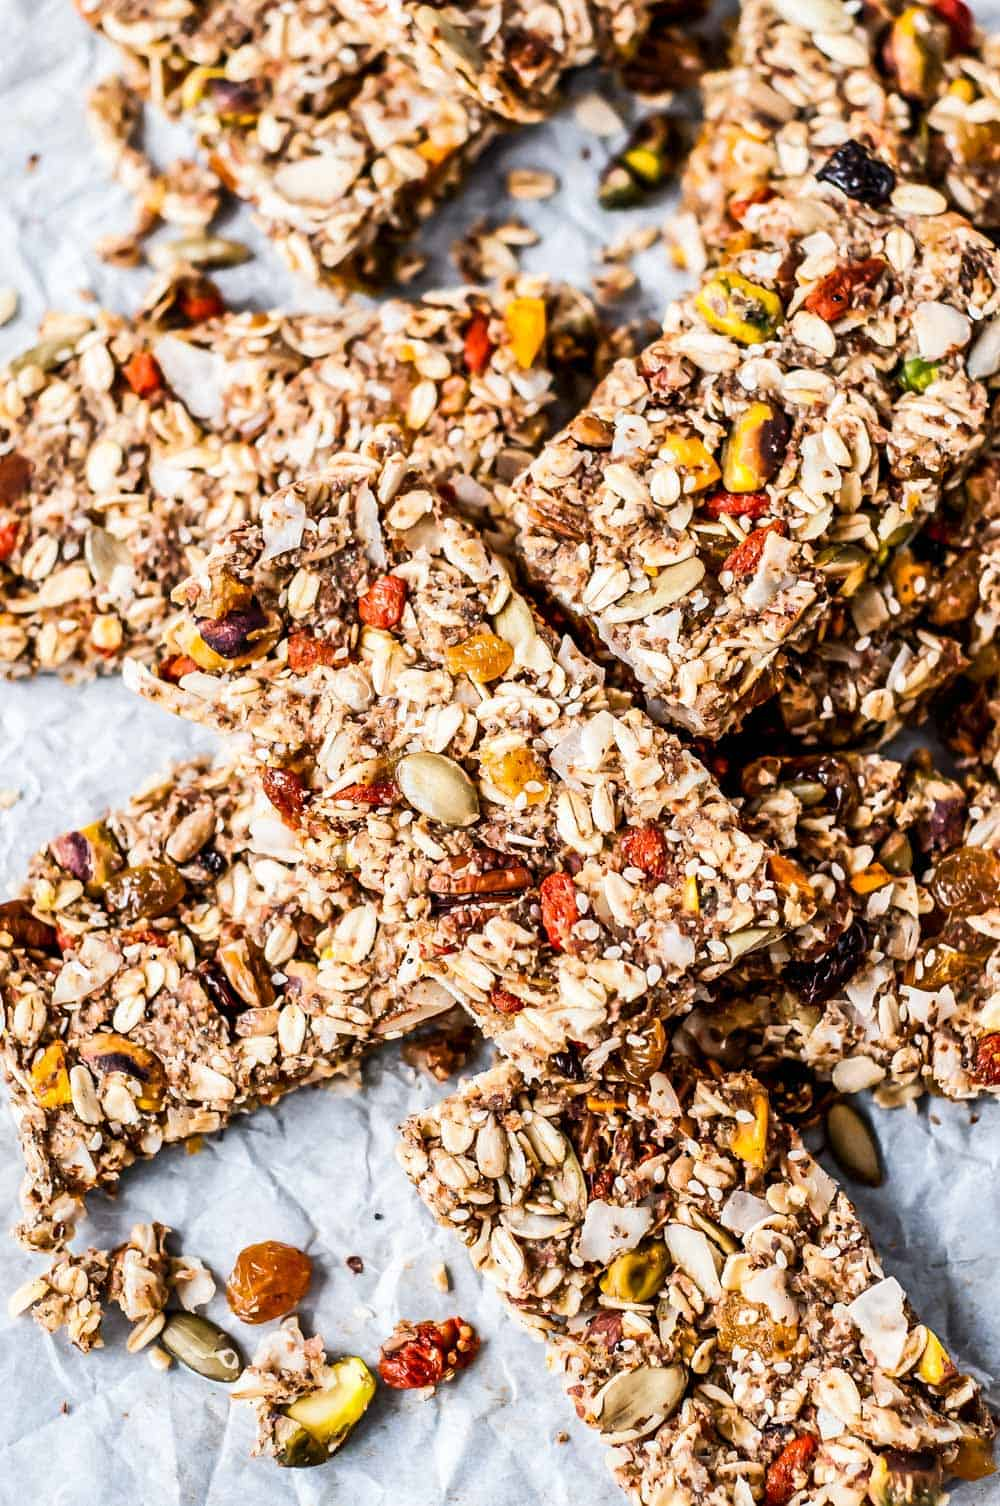 vegan protein bars for energy and fullness